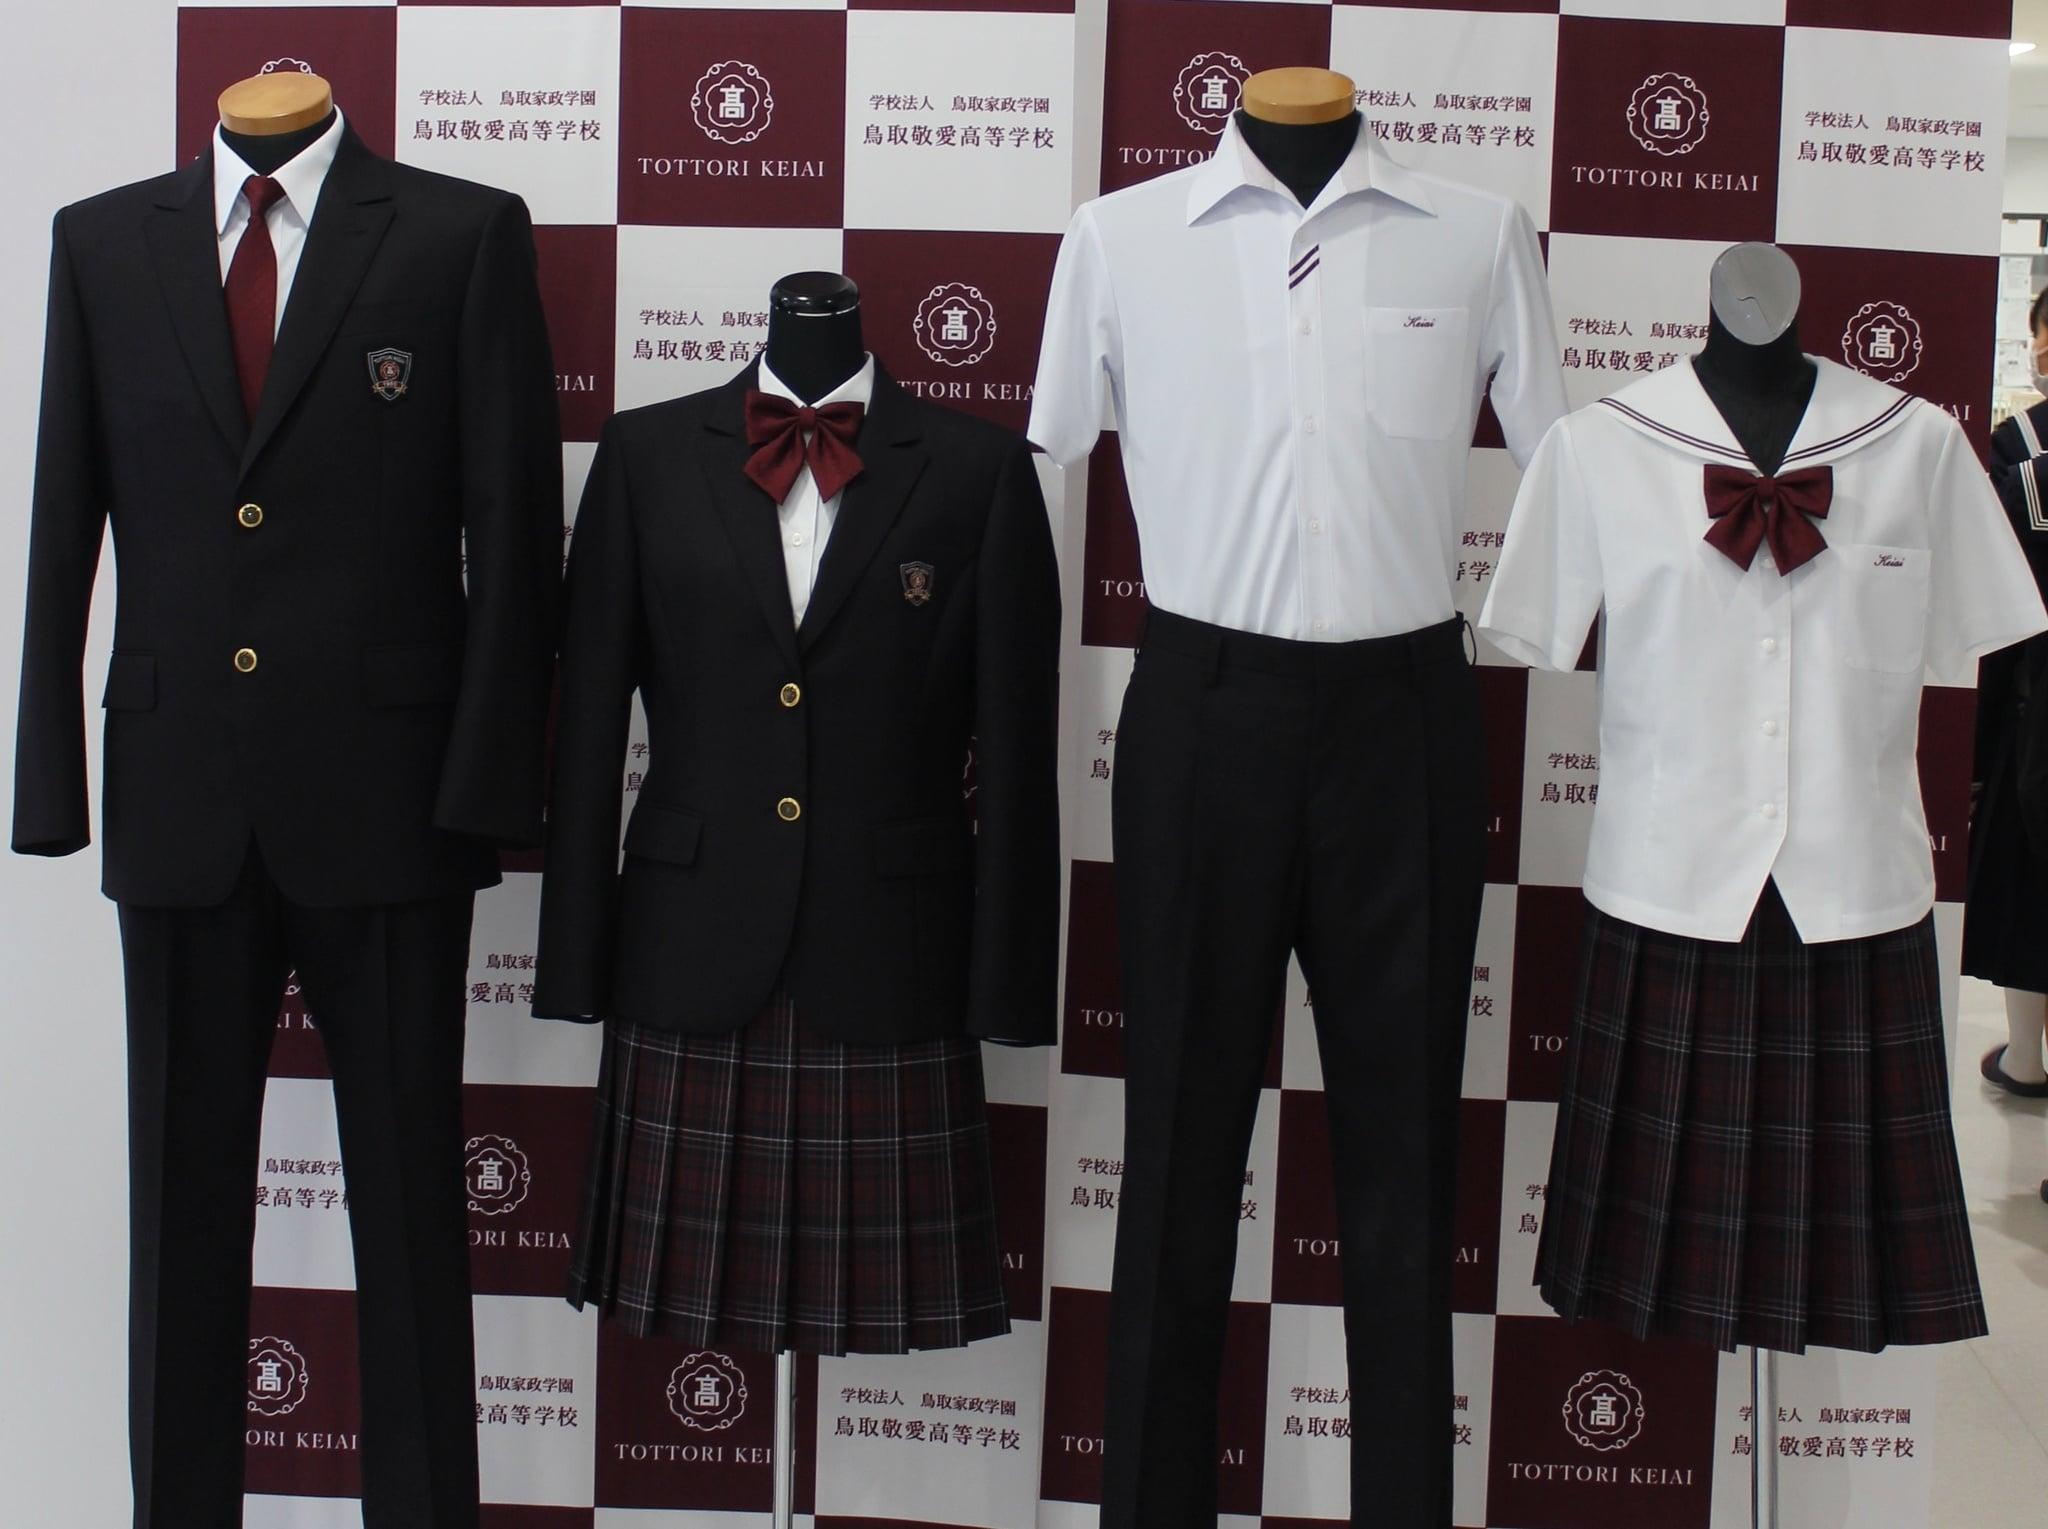 鳥取敬愛高等学校 鳥取県 制服買取